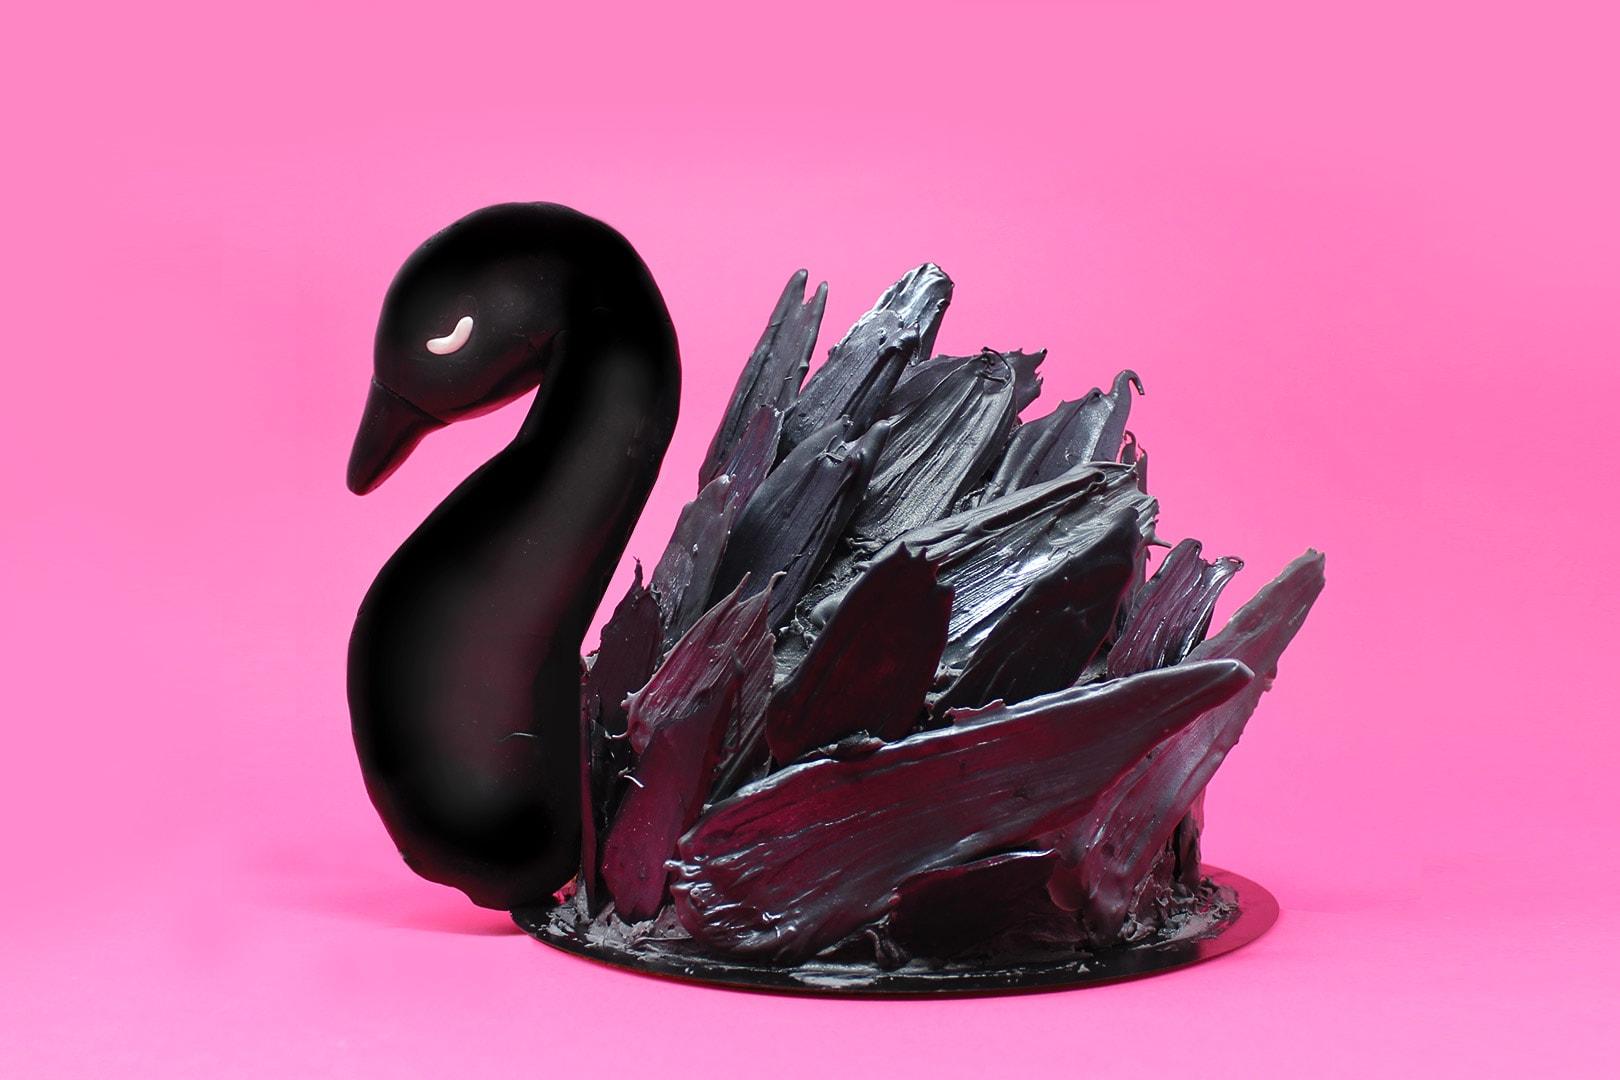 torta-cigno-nero-super-colors-paintbrush-cake-black-swan-4-min